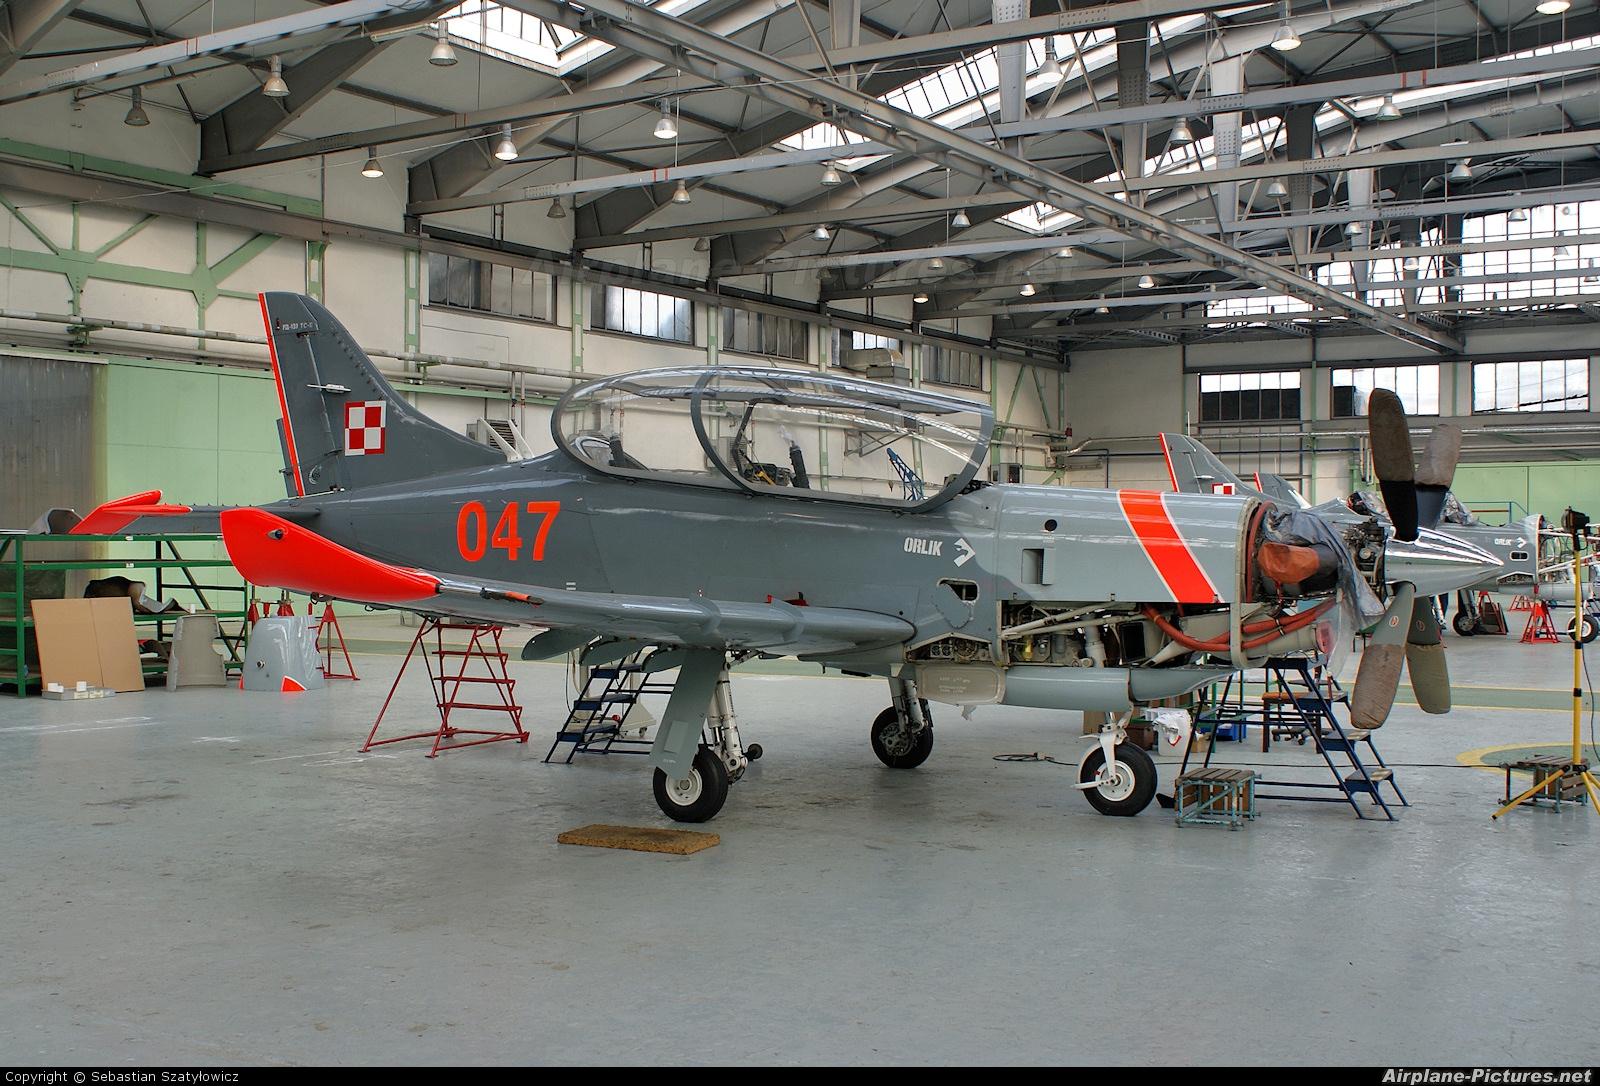 Poland - Air Force 047 aircraft at Warsaw - Frederic Chopin